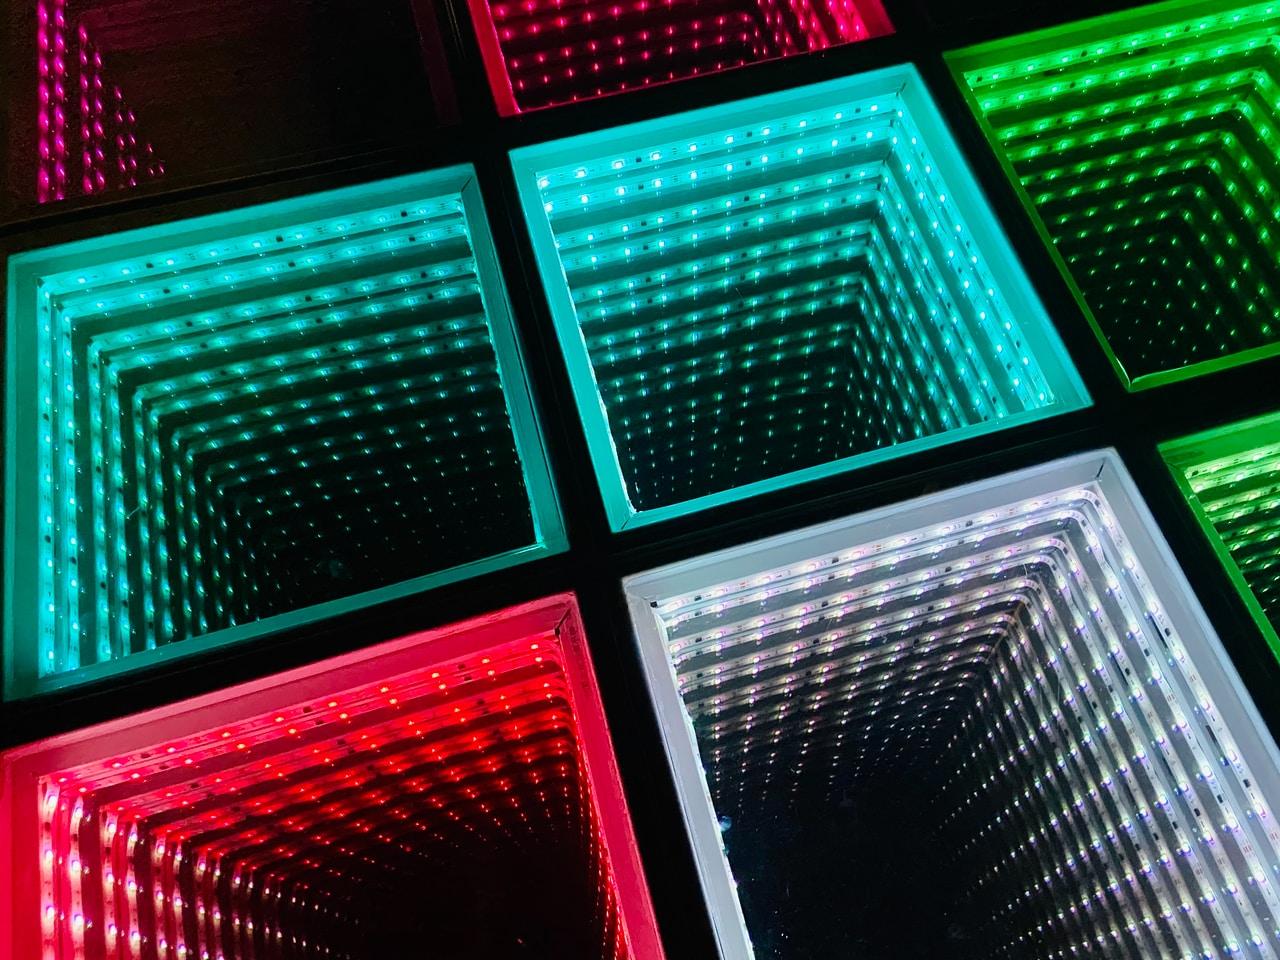 Oświetlenie LED – jakie ma zalety i wady?